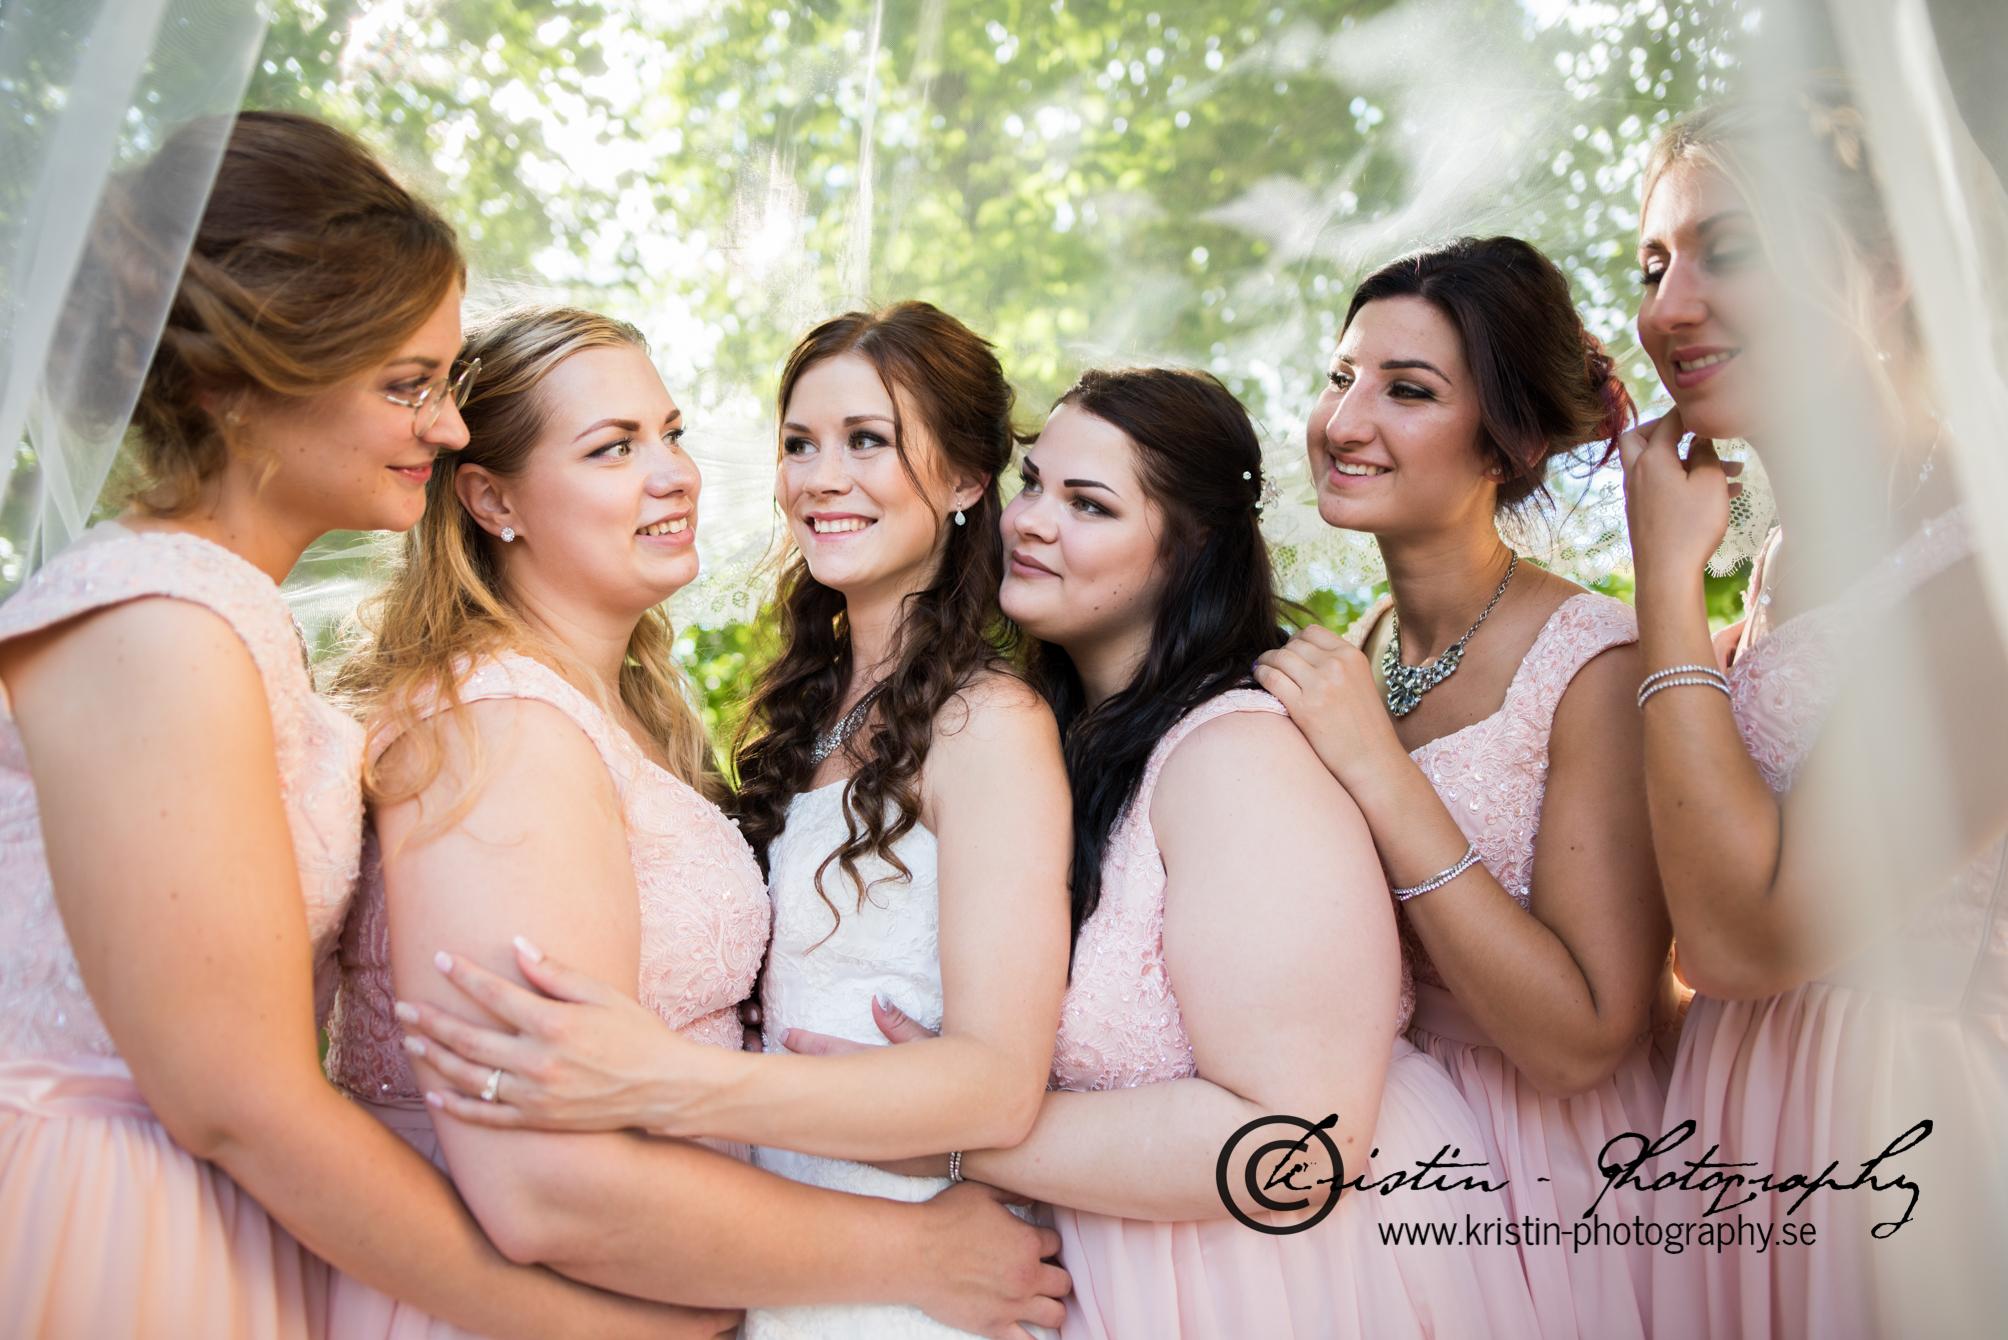 Bröllopsfotograf i Eskilstuna, Kristin - Photography, weddingphotographer -266.jpg